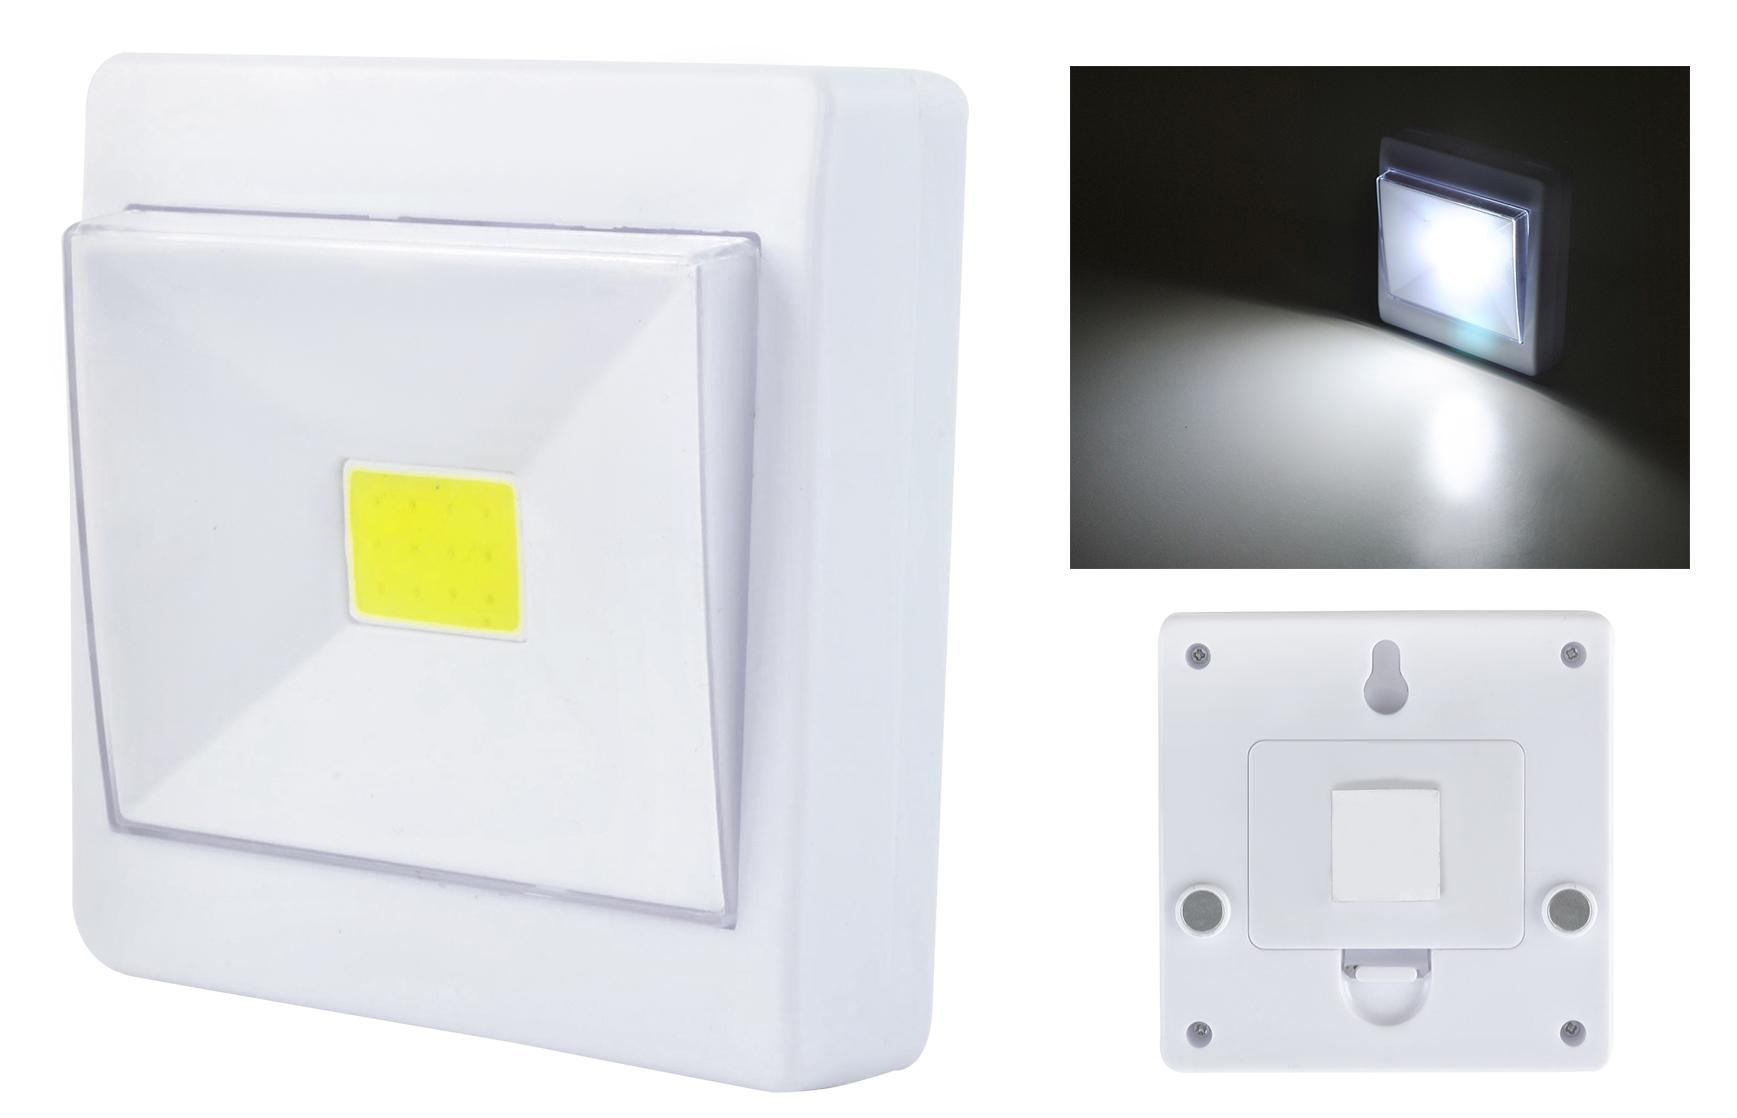 LED Leuchte Tragbarer Licht Schalter 3xAAA Schranklicht Nachtlicht ...